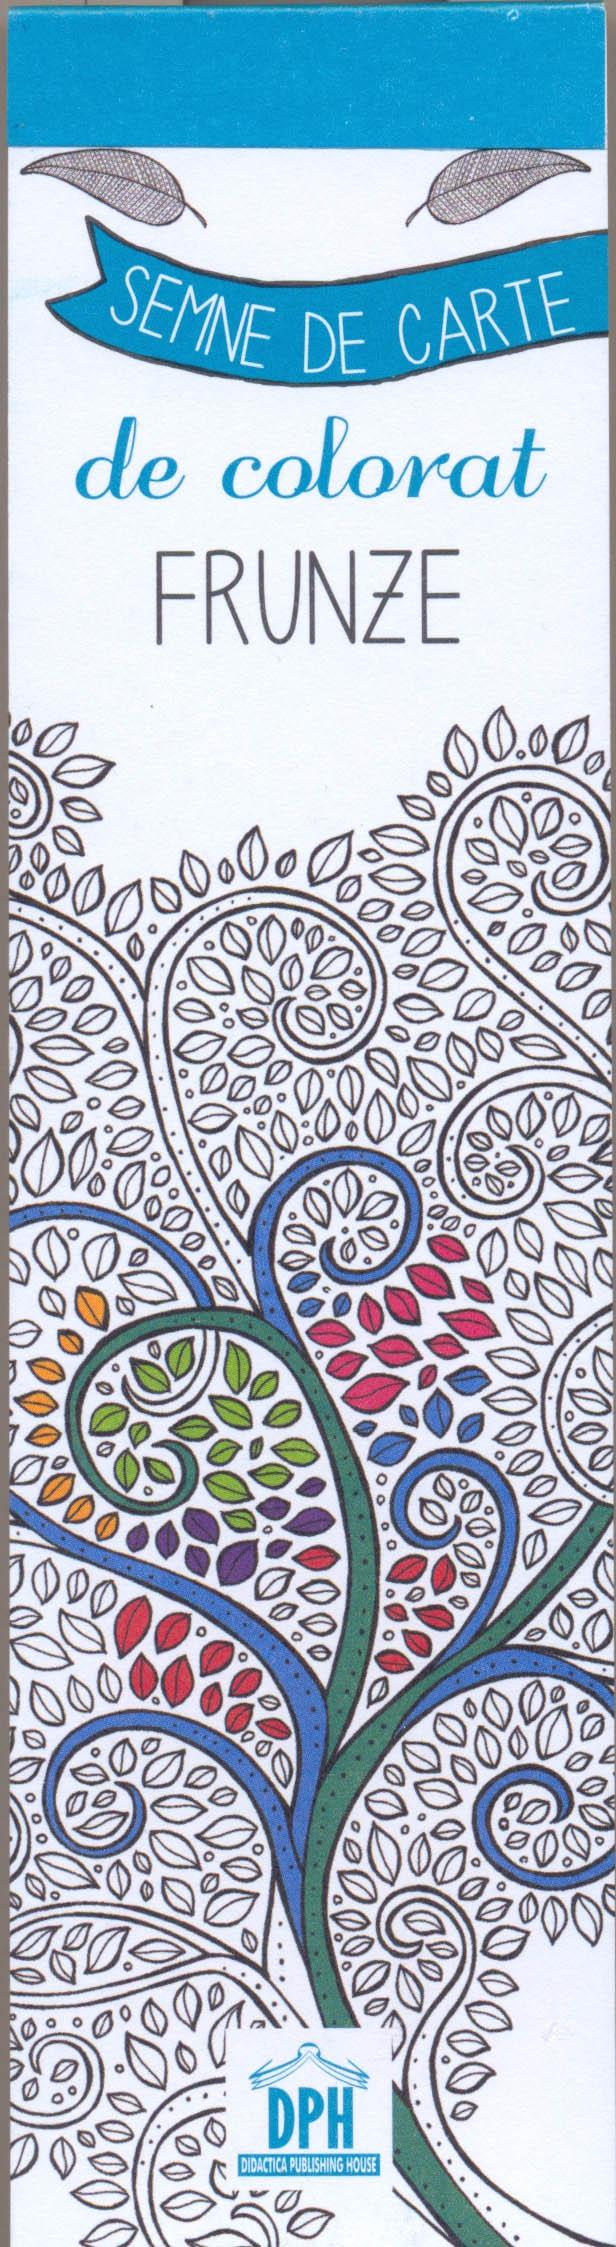 Colorez semnele mele de carte - Frunze